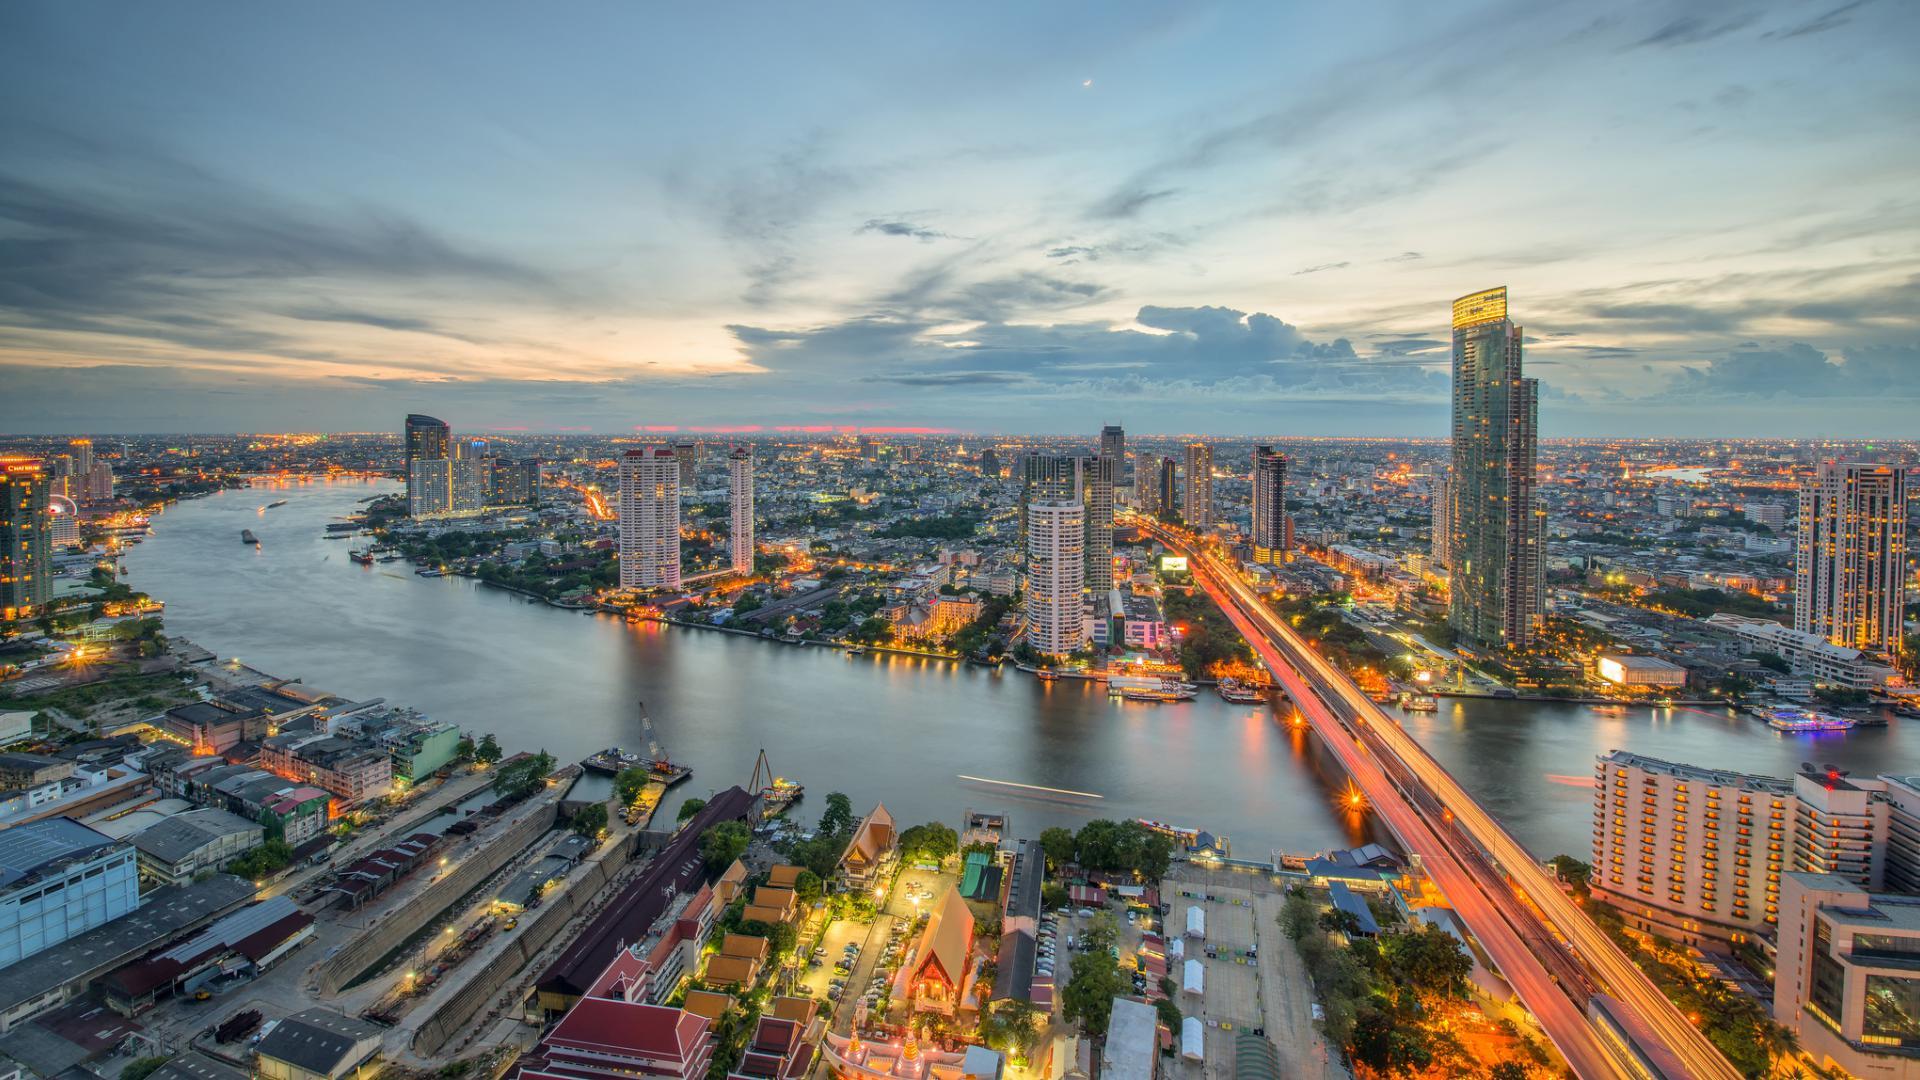 расслабленном состоянии бангкок фото города обои для айфона позволяющий обрезать